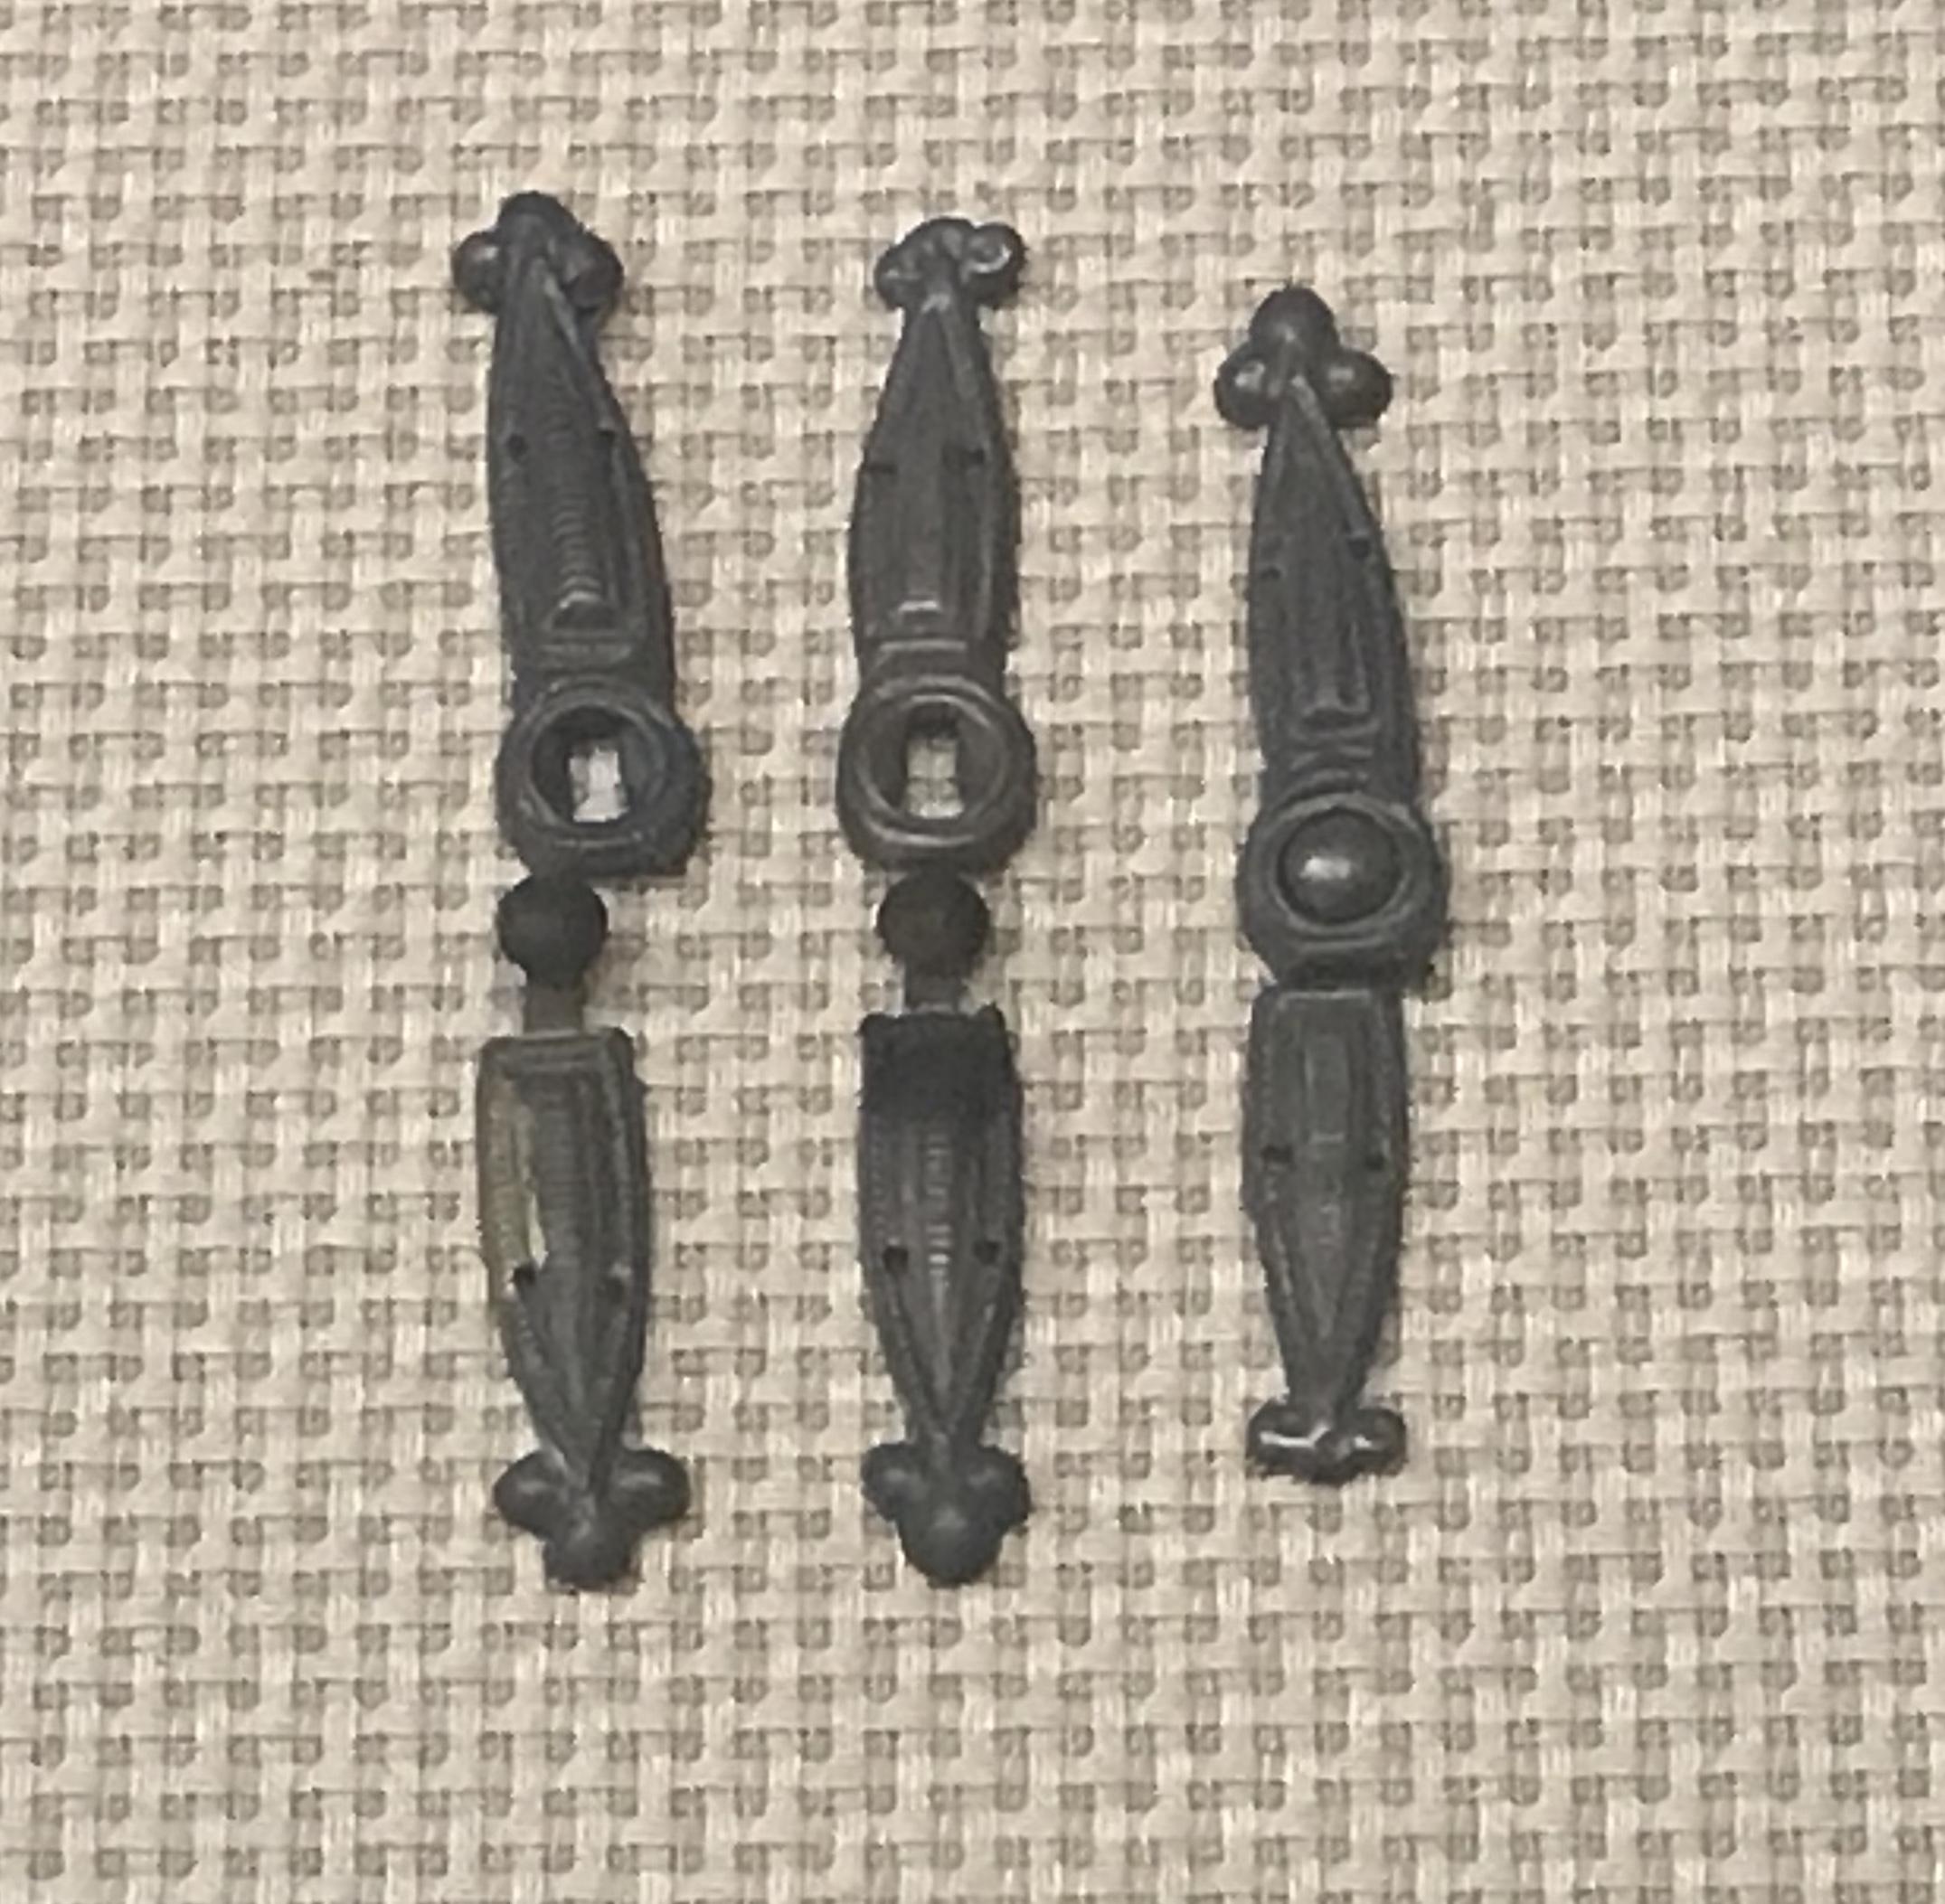 圓頂式銀ボタン-乳釘式銀ボタン-銀ボタン-彜族アクセサリー-四川民族文物館-四川博物館-成都